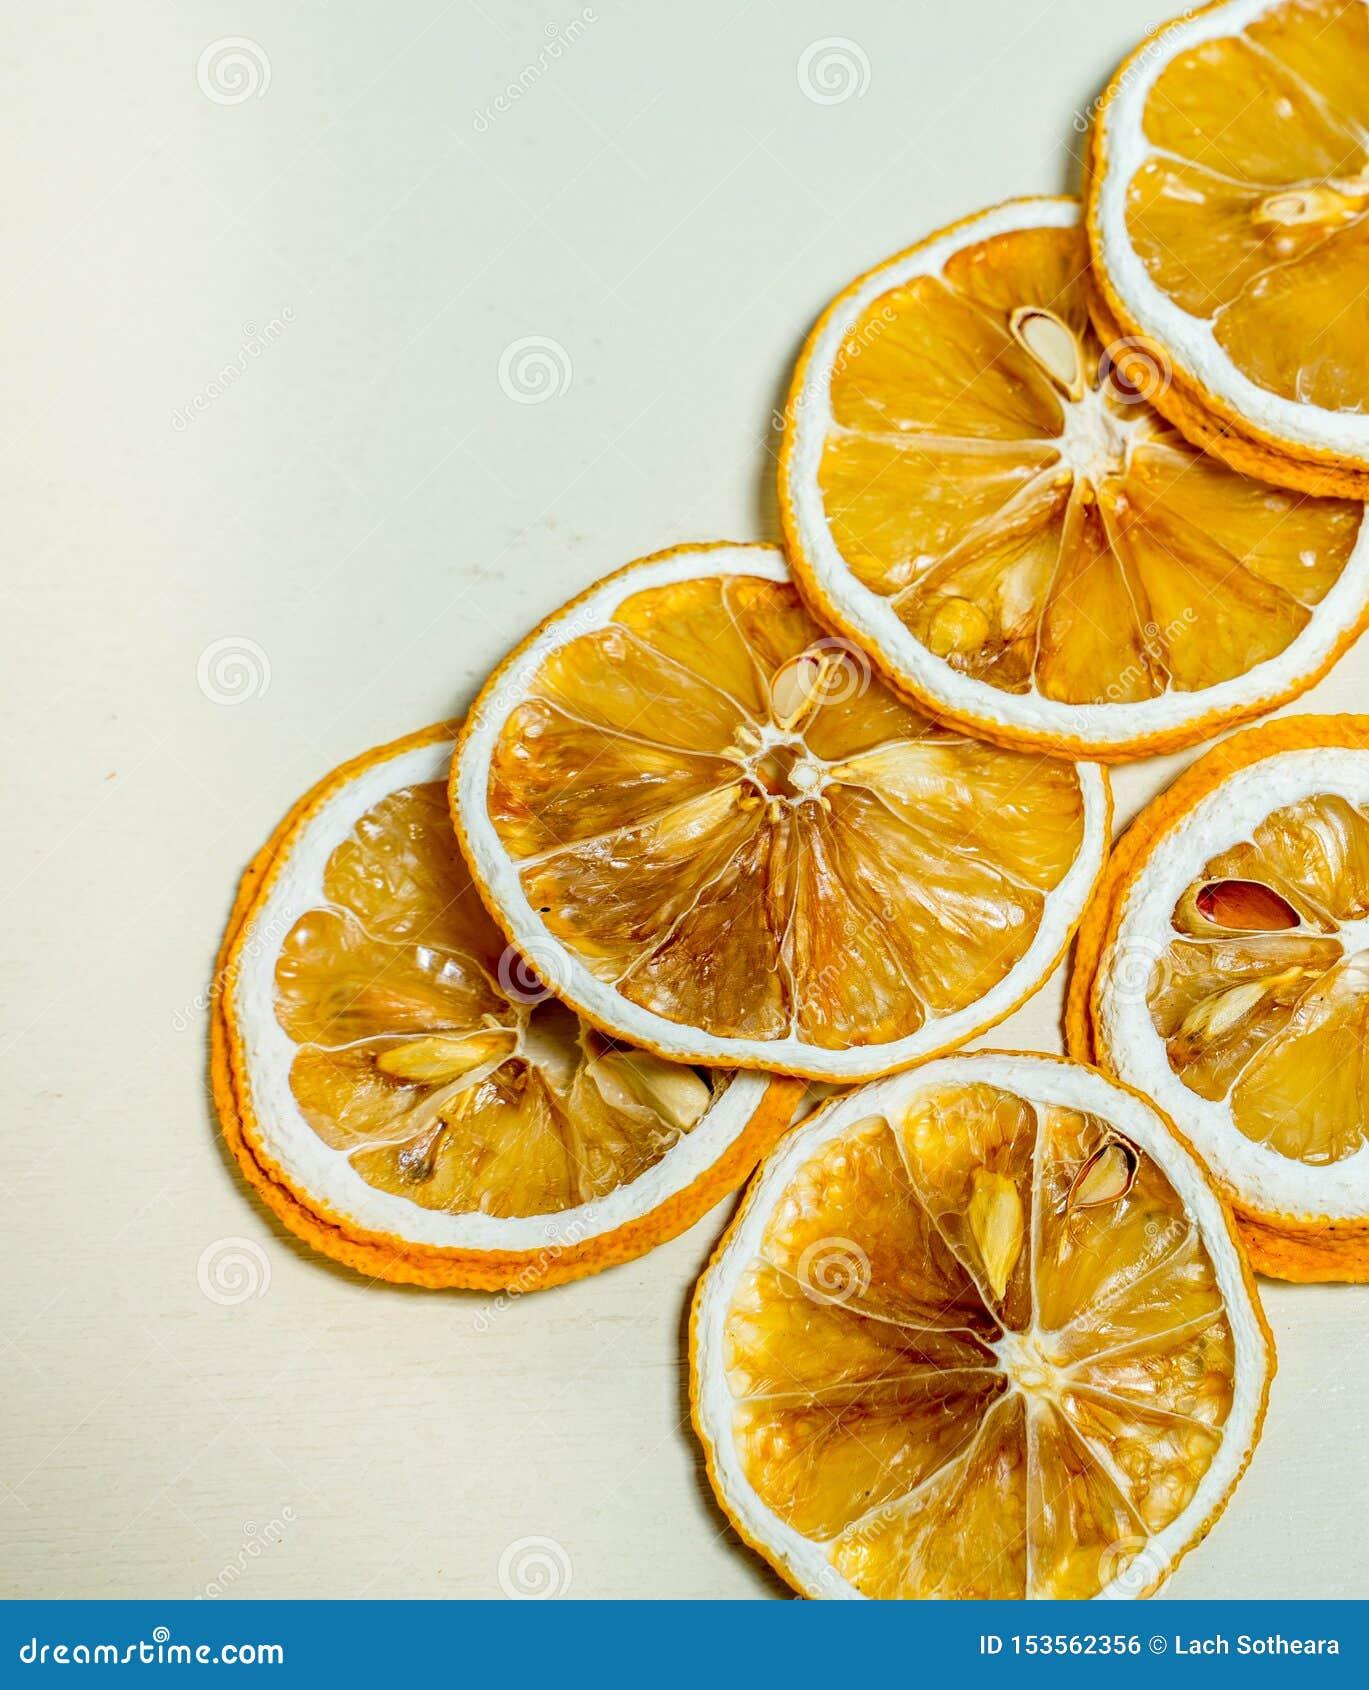 Rebanada secada del lemnon apilada así como el fondo blanco Rebanada secada del limón con las semillas secadas dentro de apilado